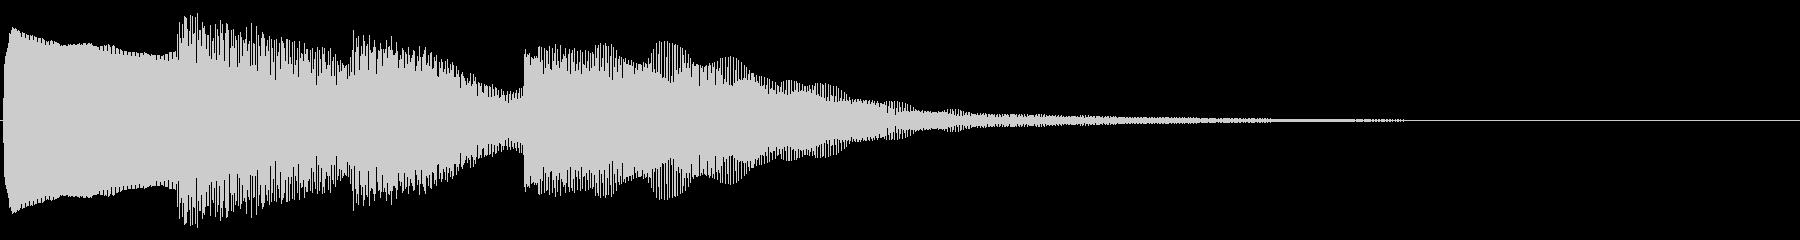 ピンポンパンポン01-1の未再生の波形